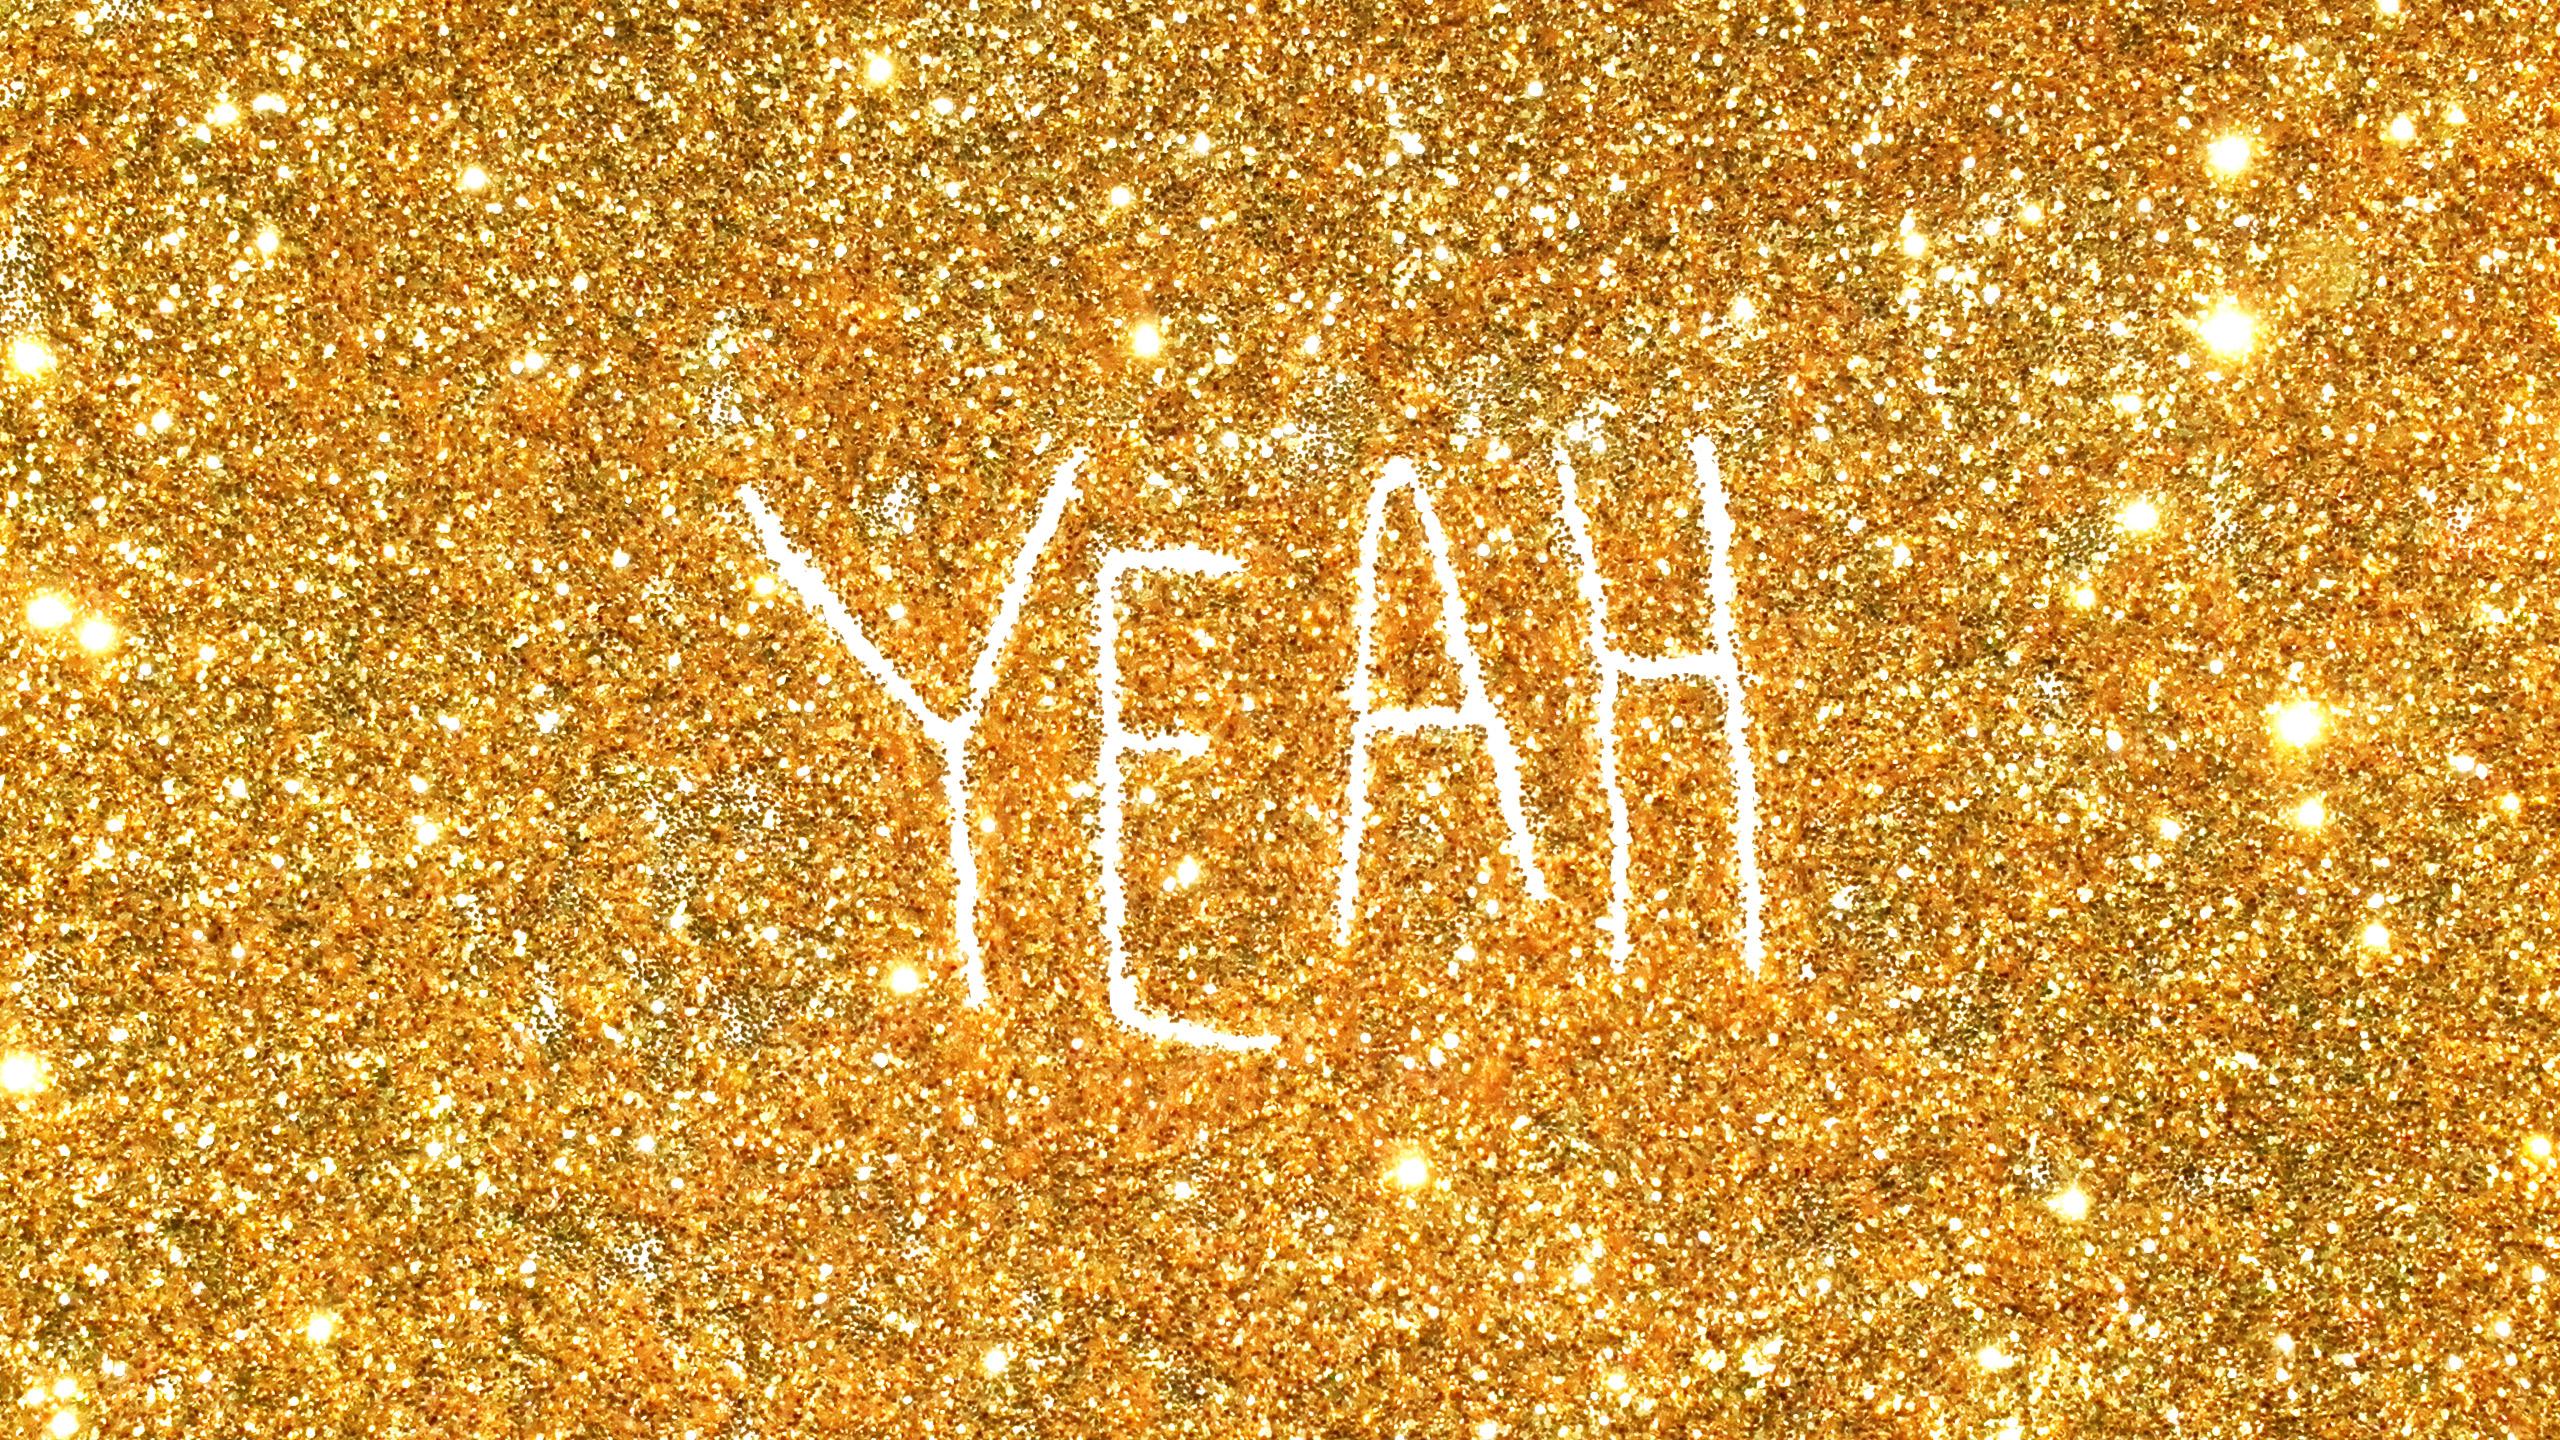 Glitter Desktop Wallpaper Glitter Desktop Wallpaper 2560x1440